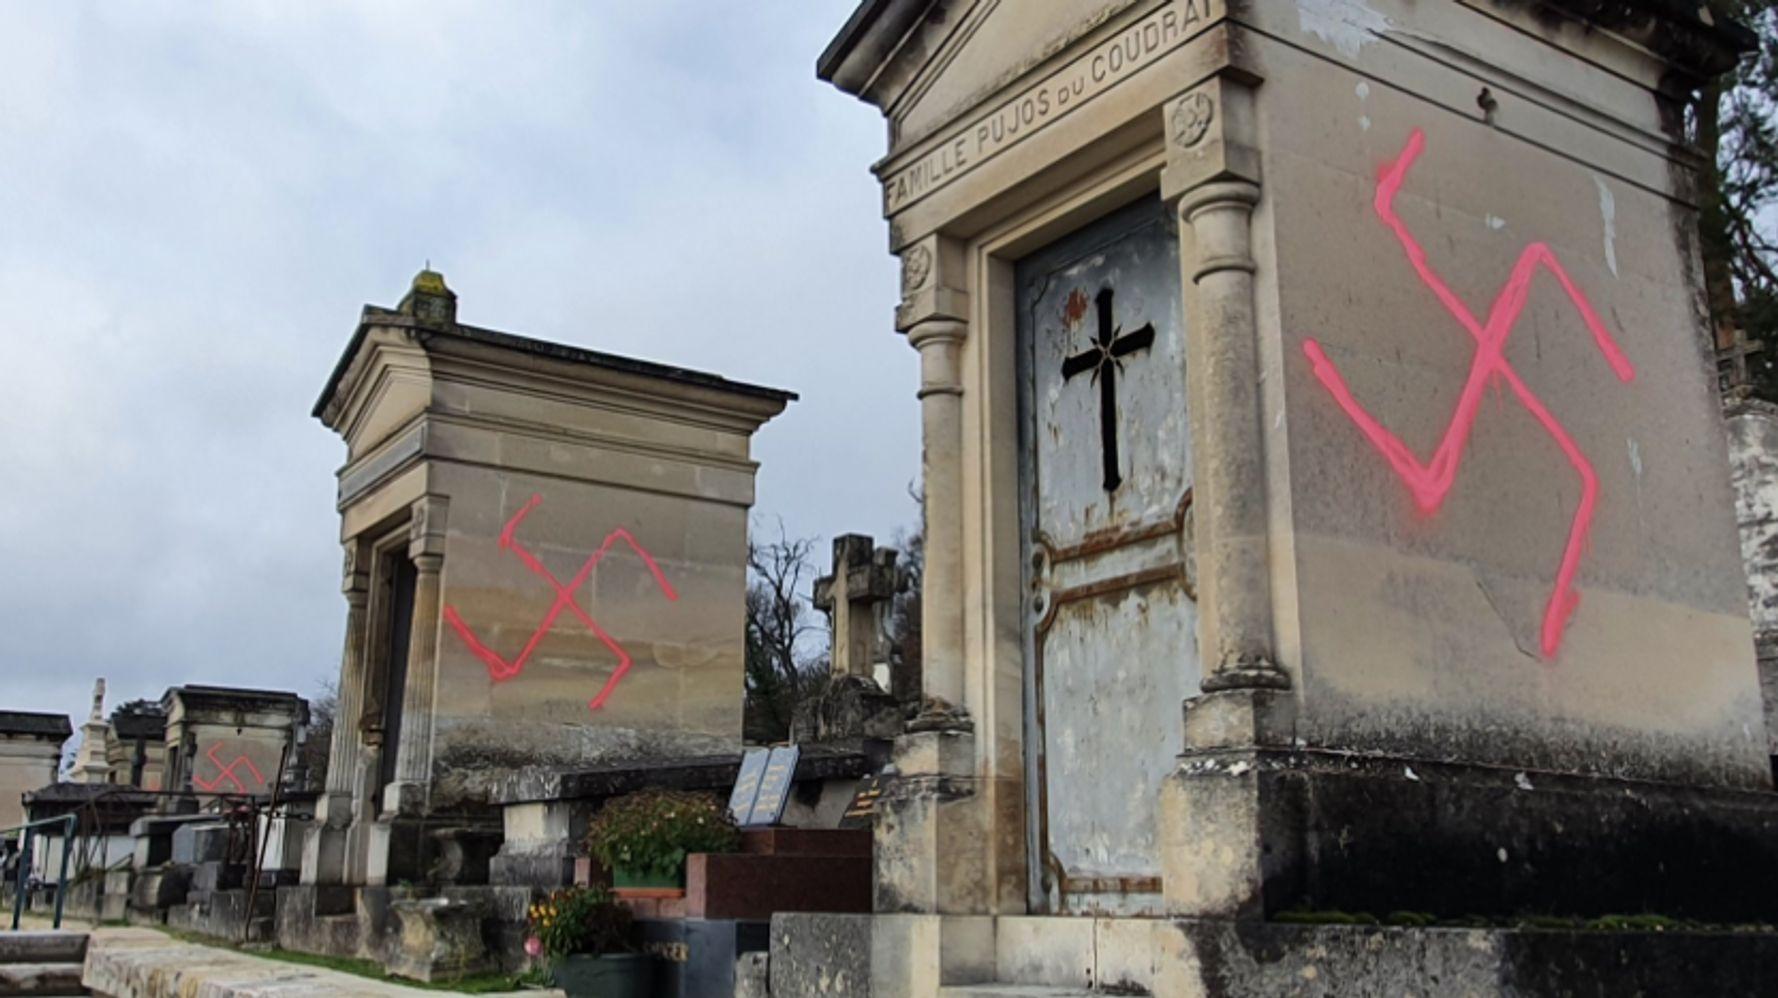 À Fontainebleau, des dizaines de tombes profanées par des croix gammées